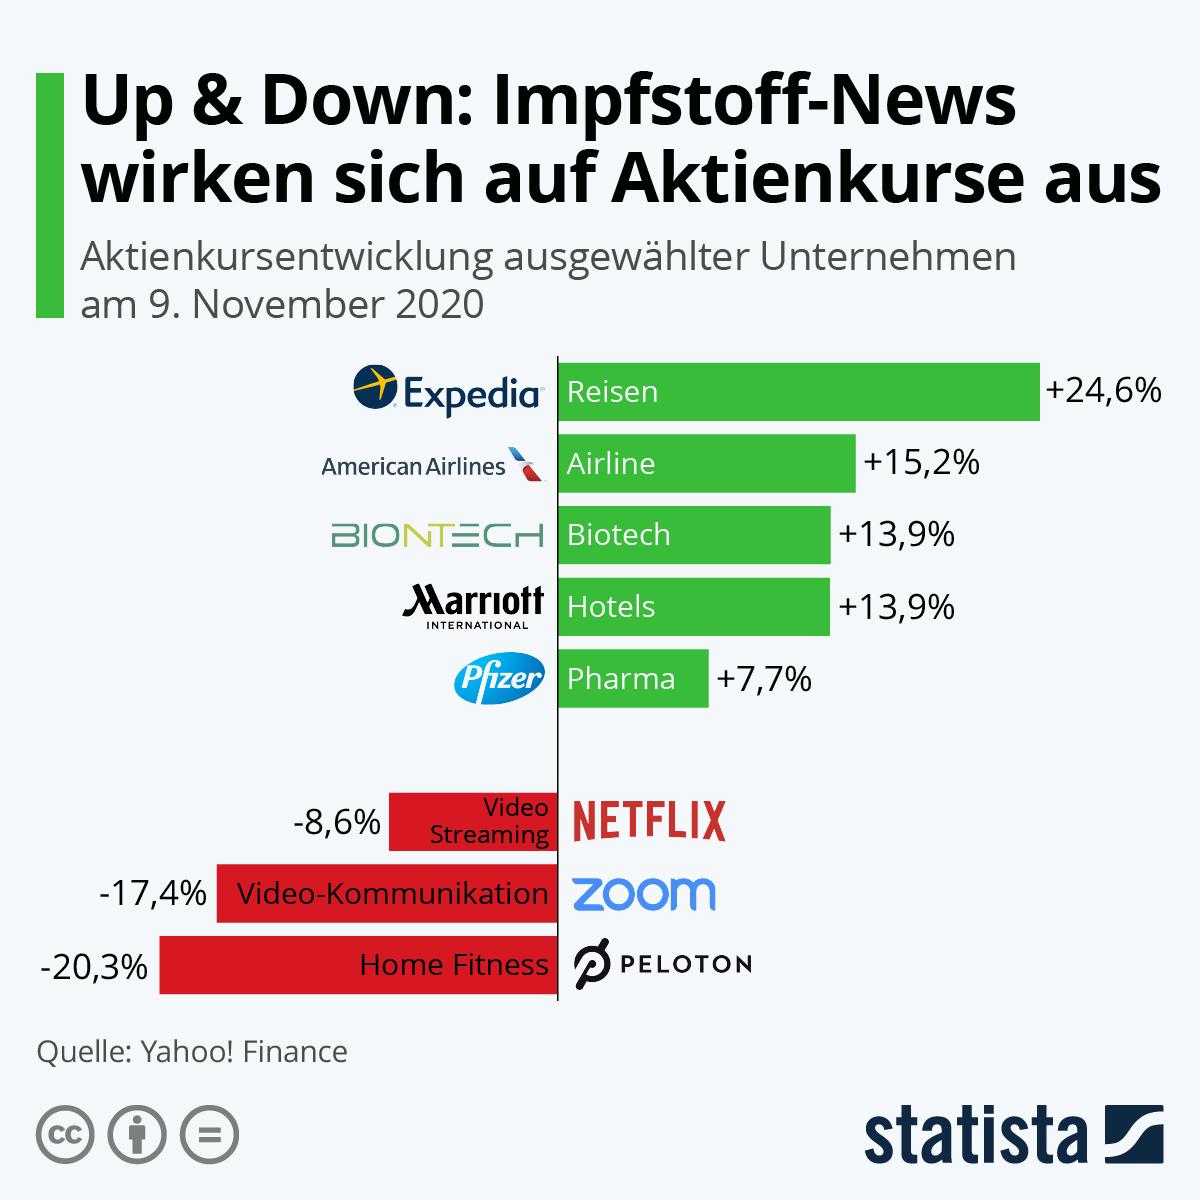 Infografik: Up & Down: Impfstoff-News wirken sich auf Aktienkurse aus | Statista